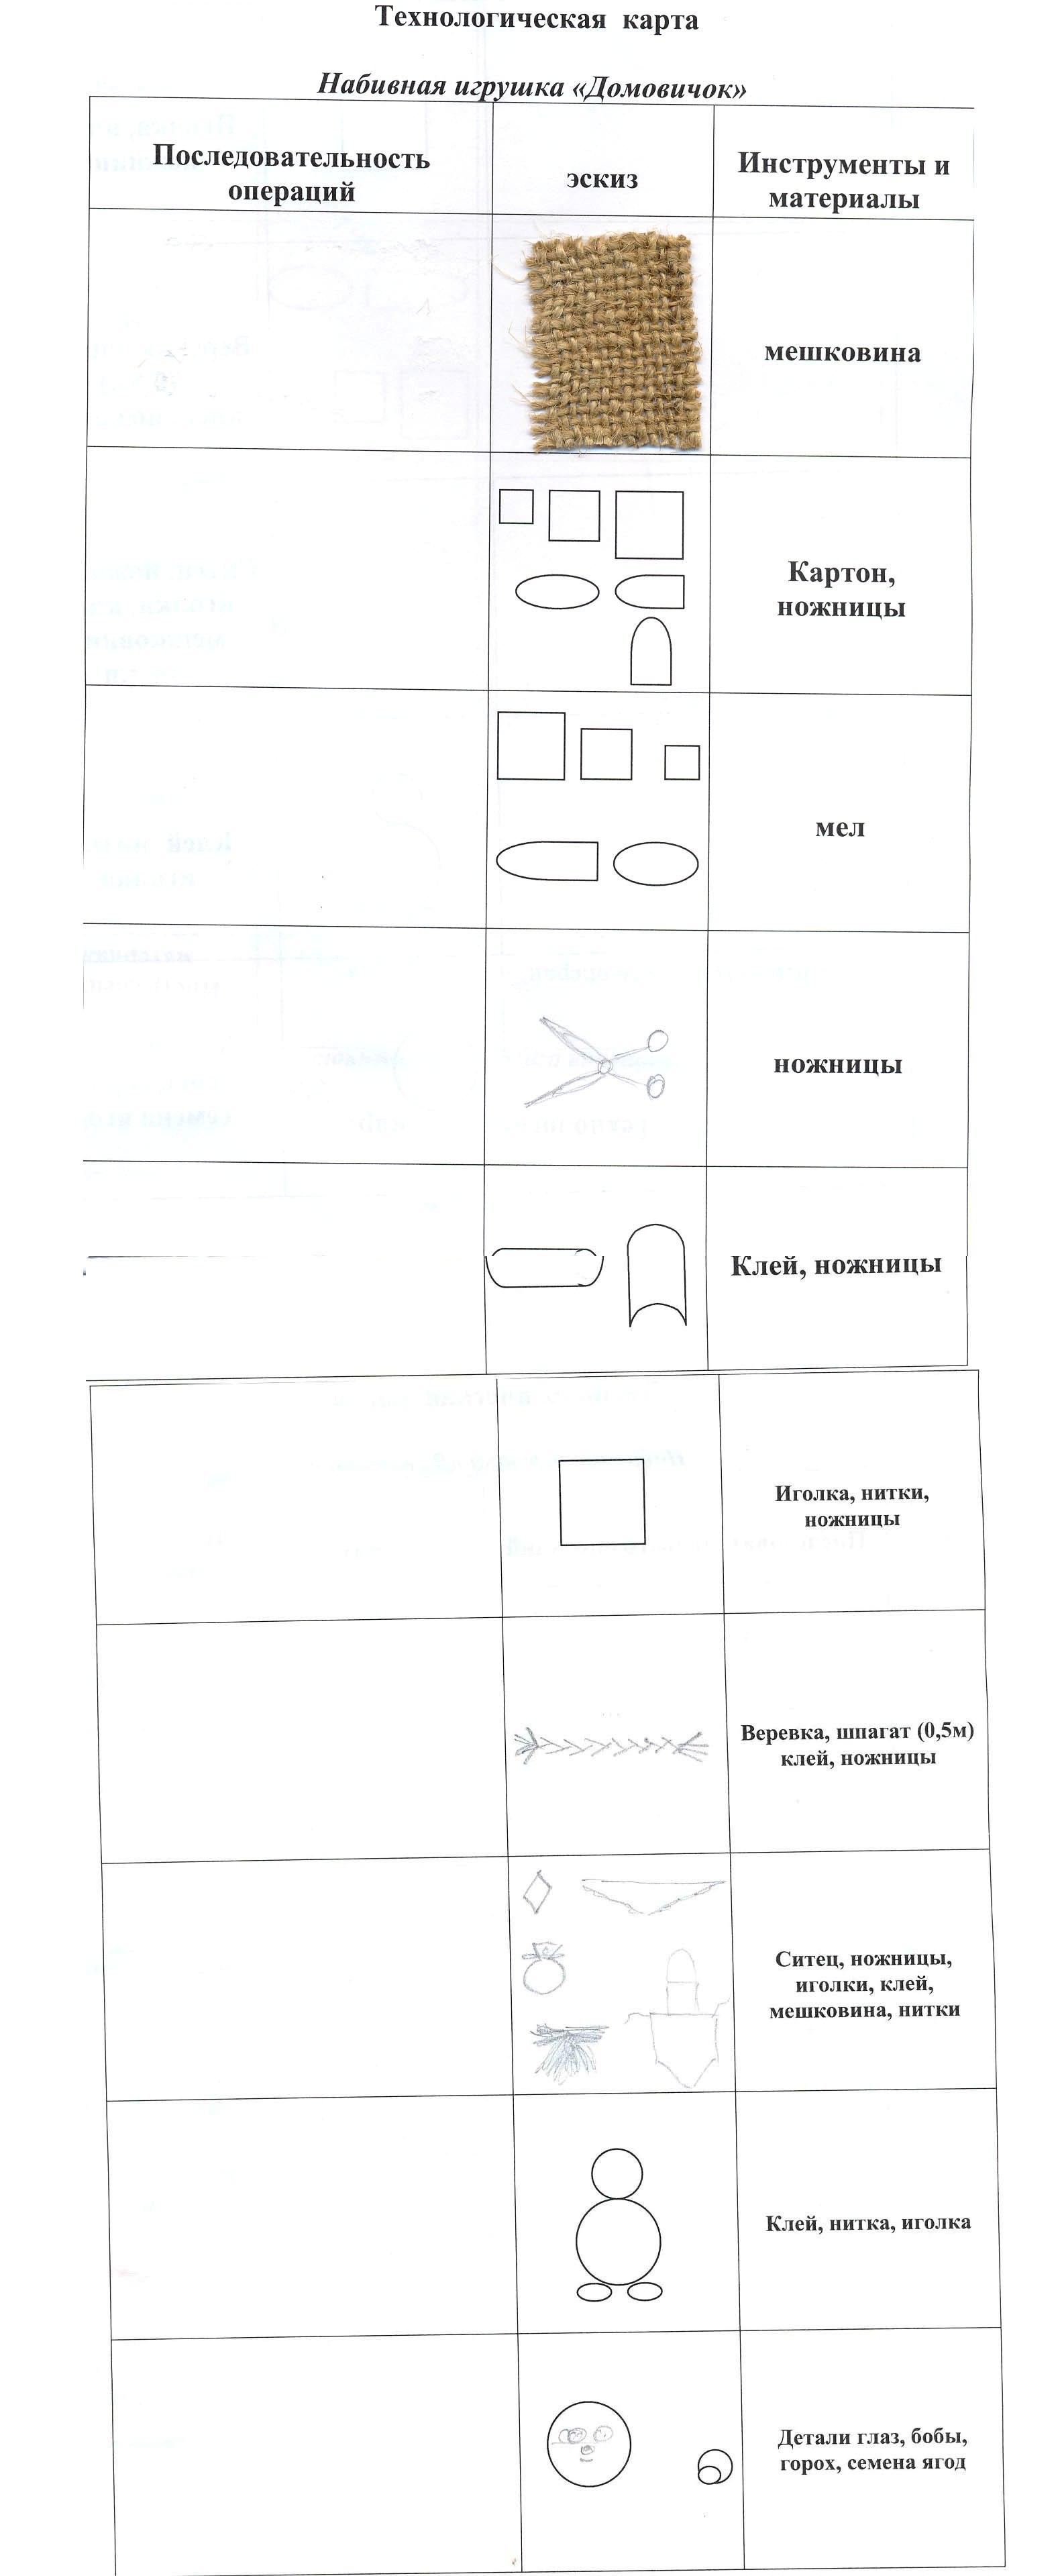 Технологическая карта для поделки